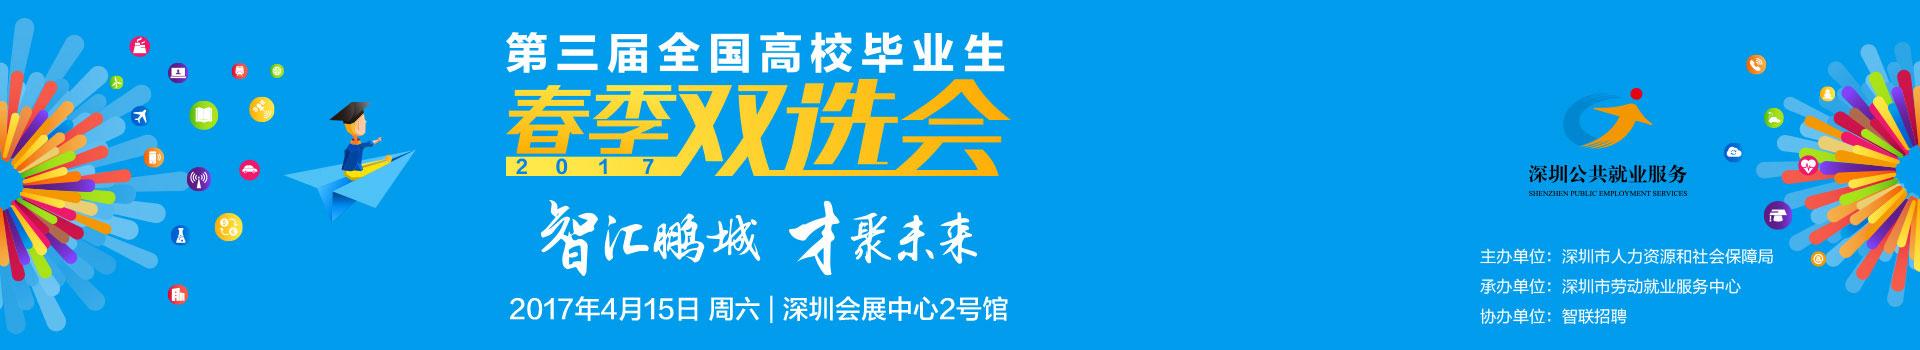 深圳市劳动就业服务中心(深圳市困难失业居民就业援助中心)招聘信息